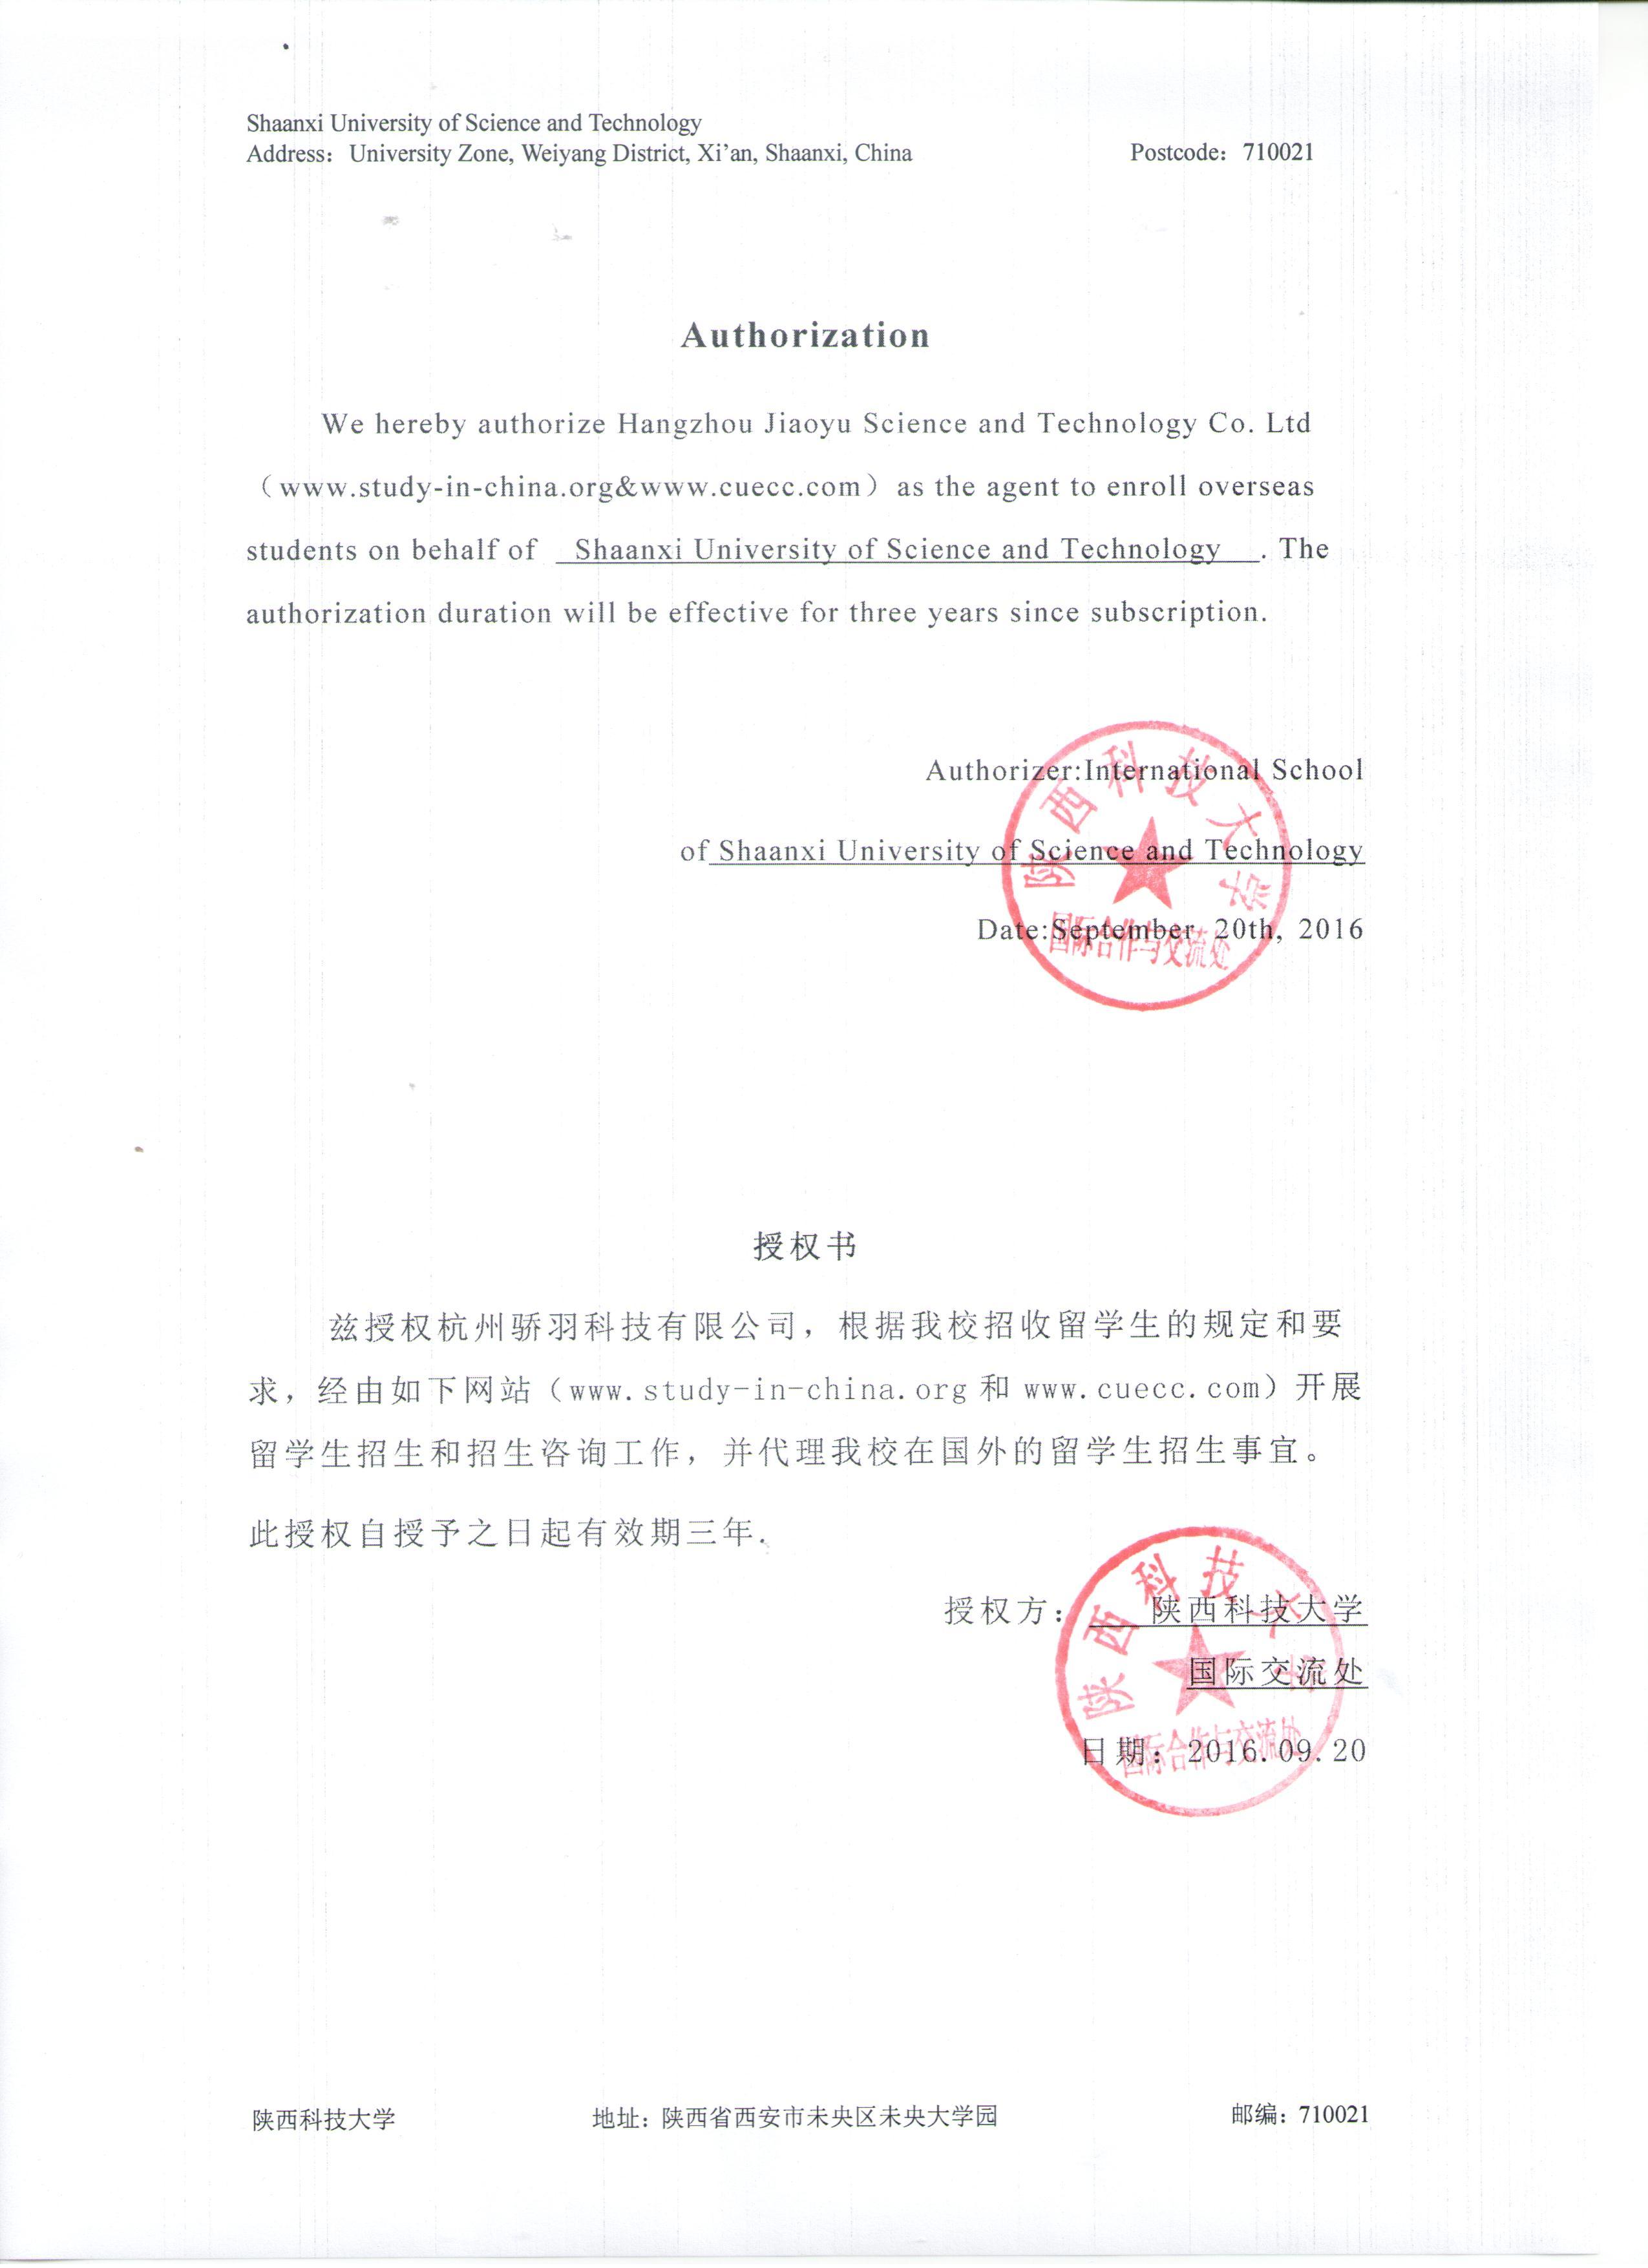 陕西科技大学授权书.jpg